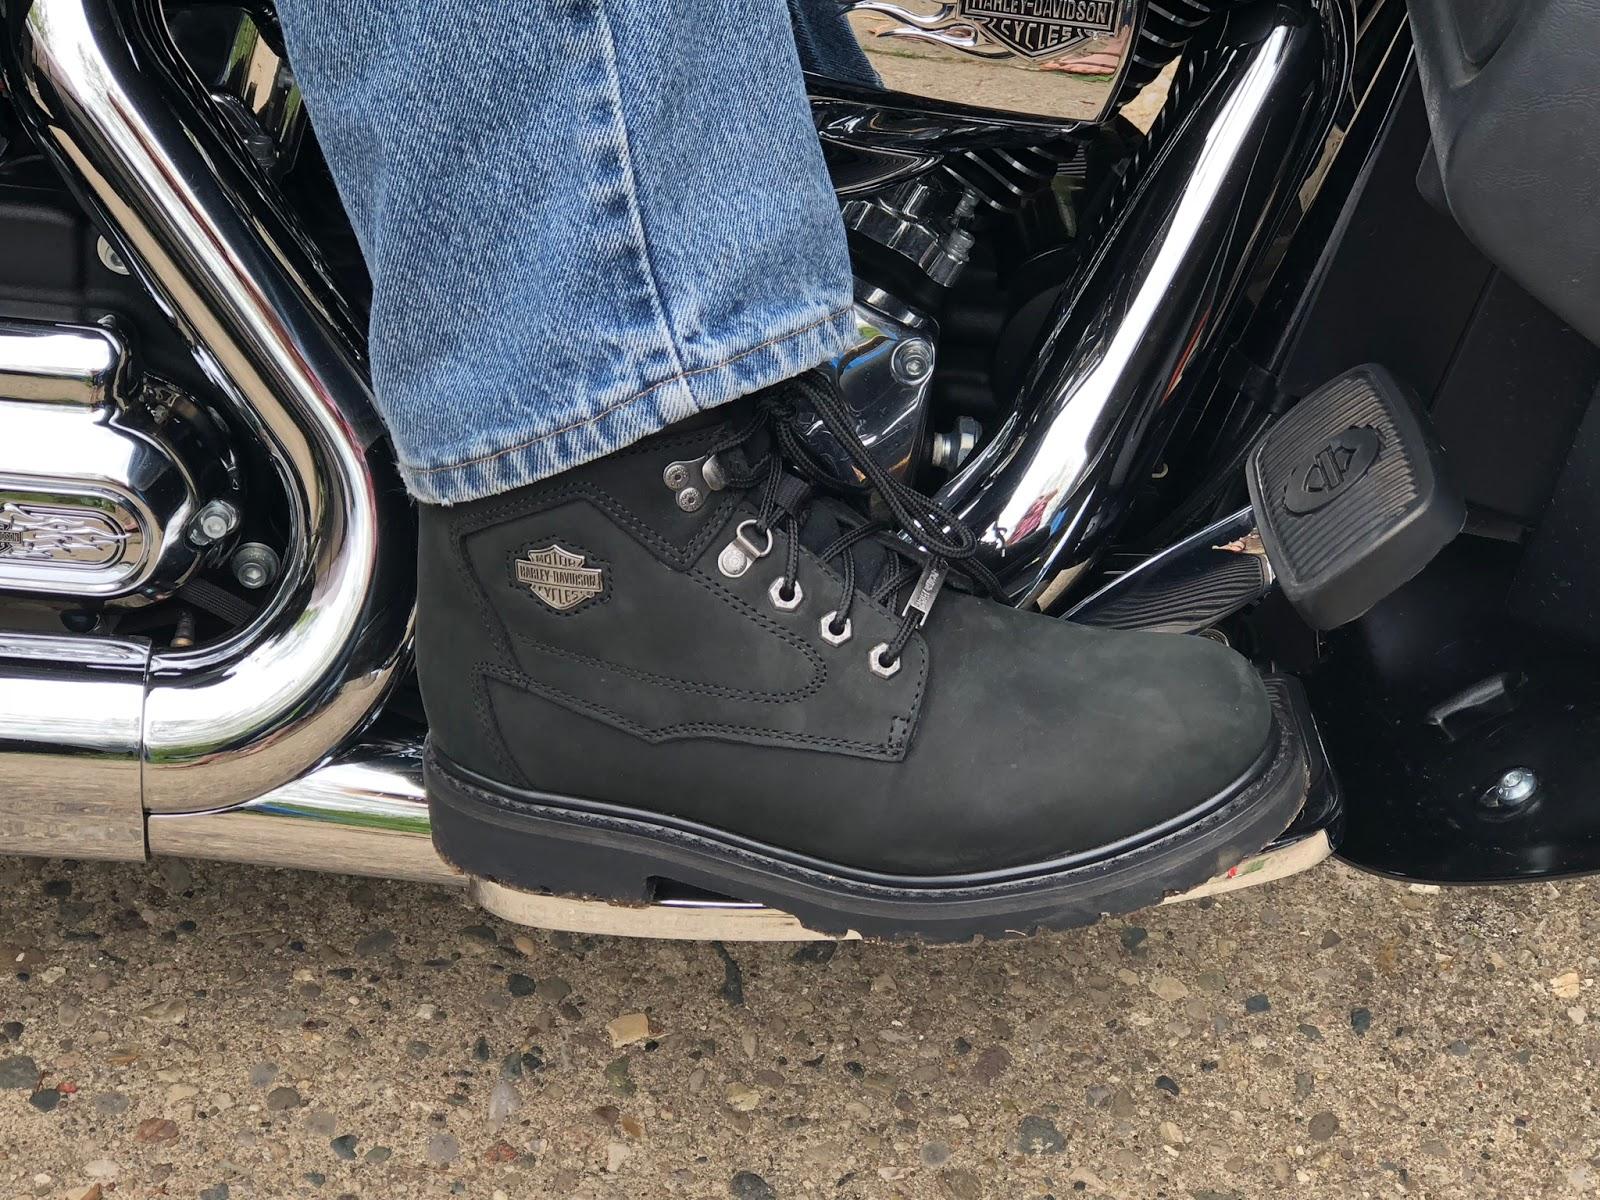 dd871c1b370 Stacy Tilton Reviews: Harley-Davidson® Badlands Boots